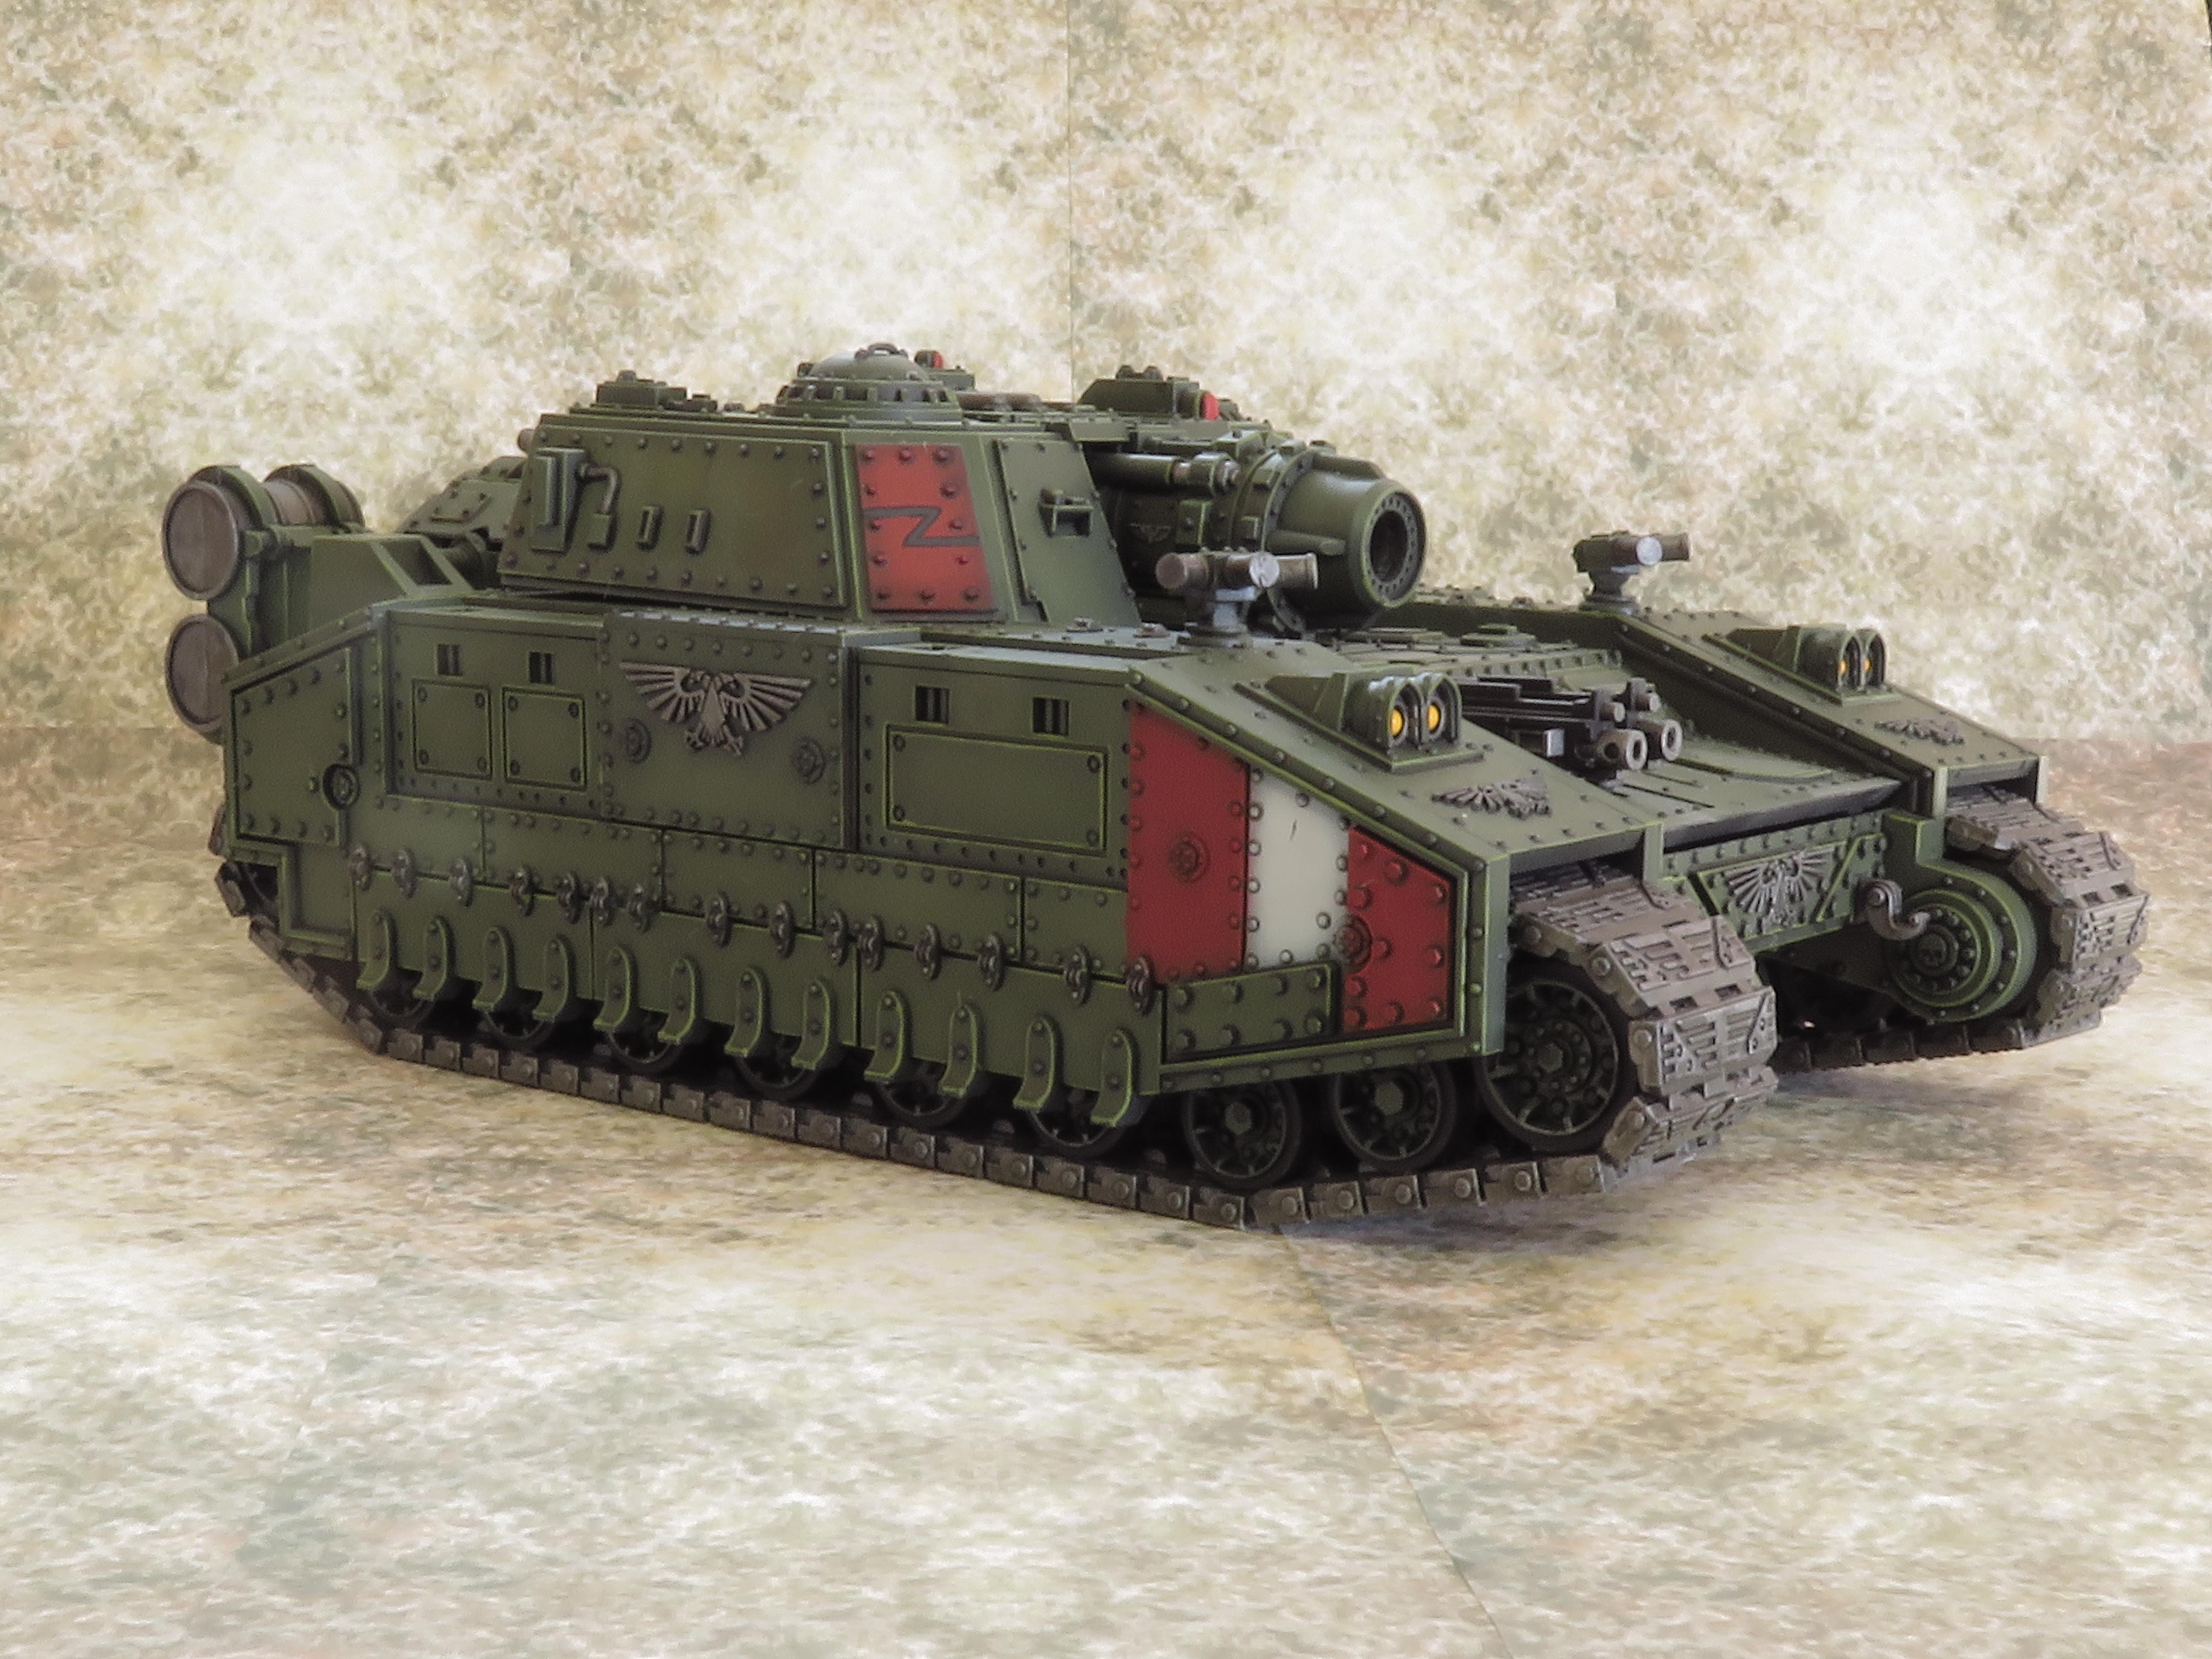 Baneblade, Imperial Guard, Tank